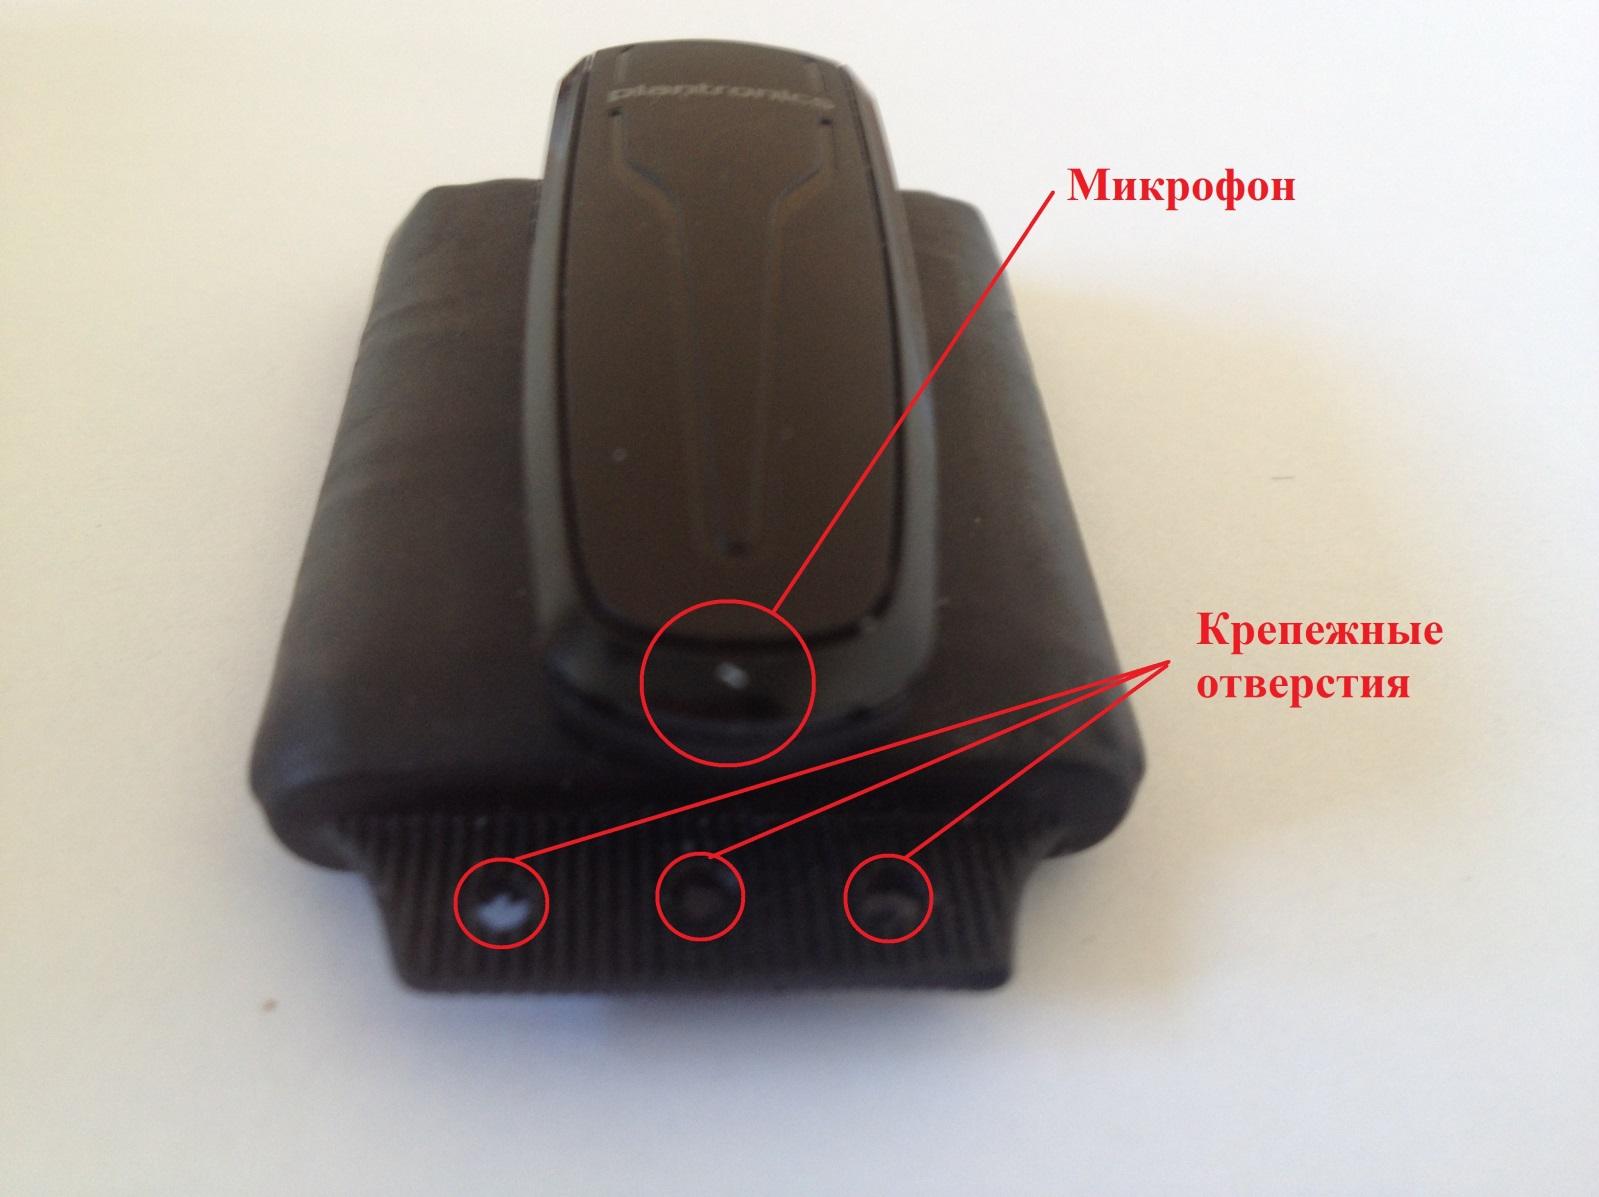 Микрофон и крепежные отверстия гарнитуры Powerbox для беспроводного микро наушника